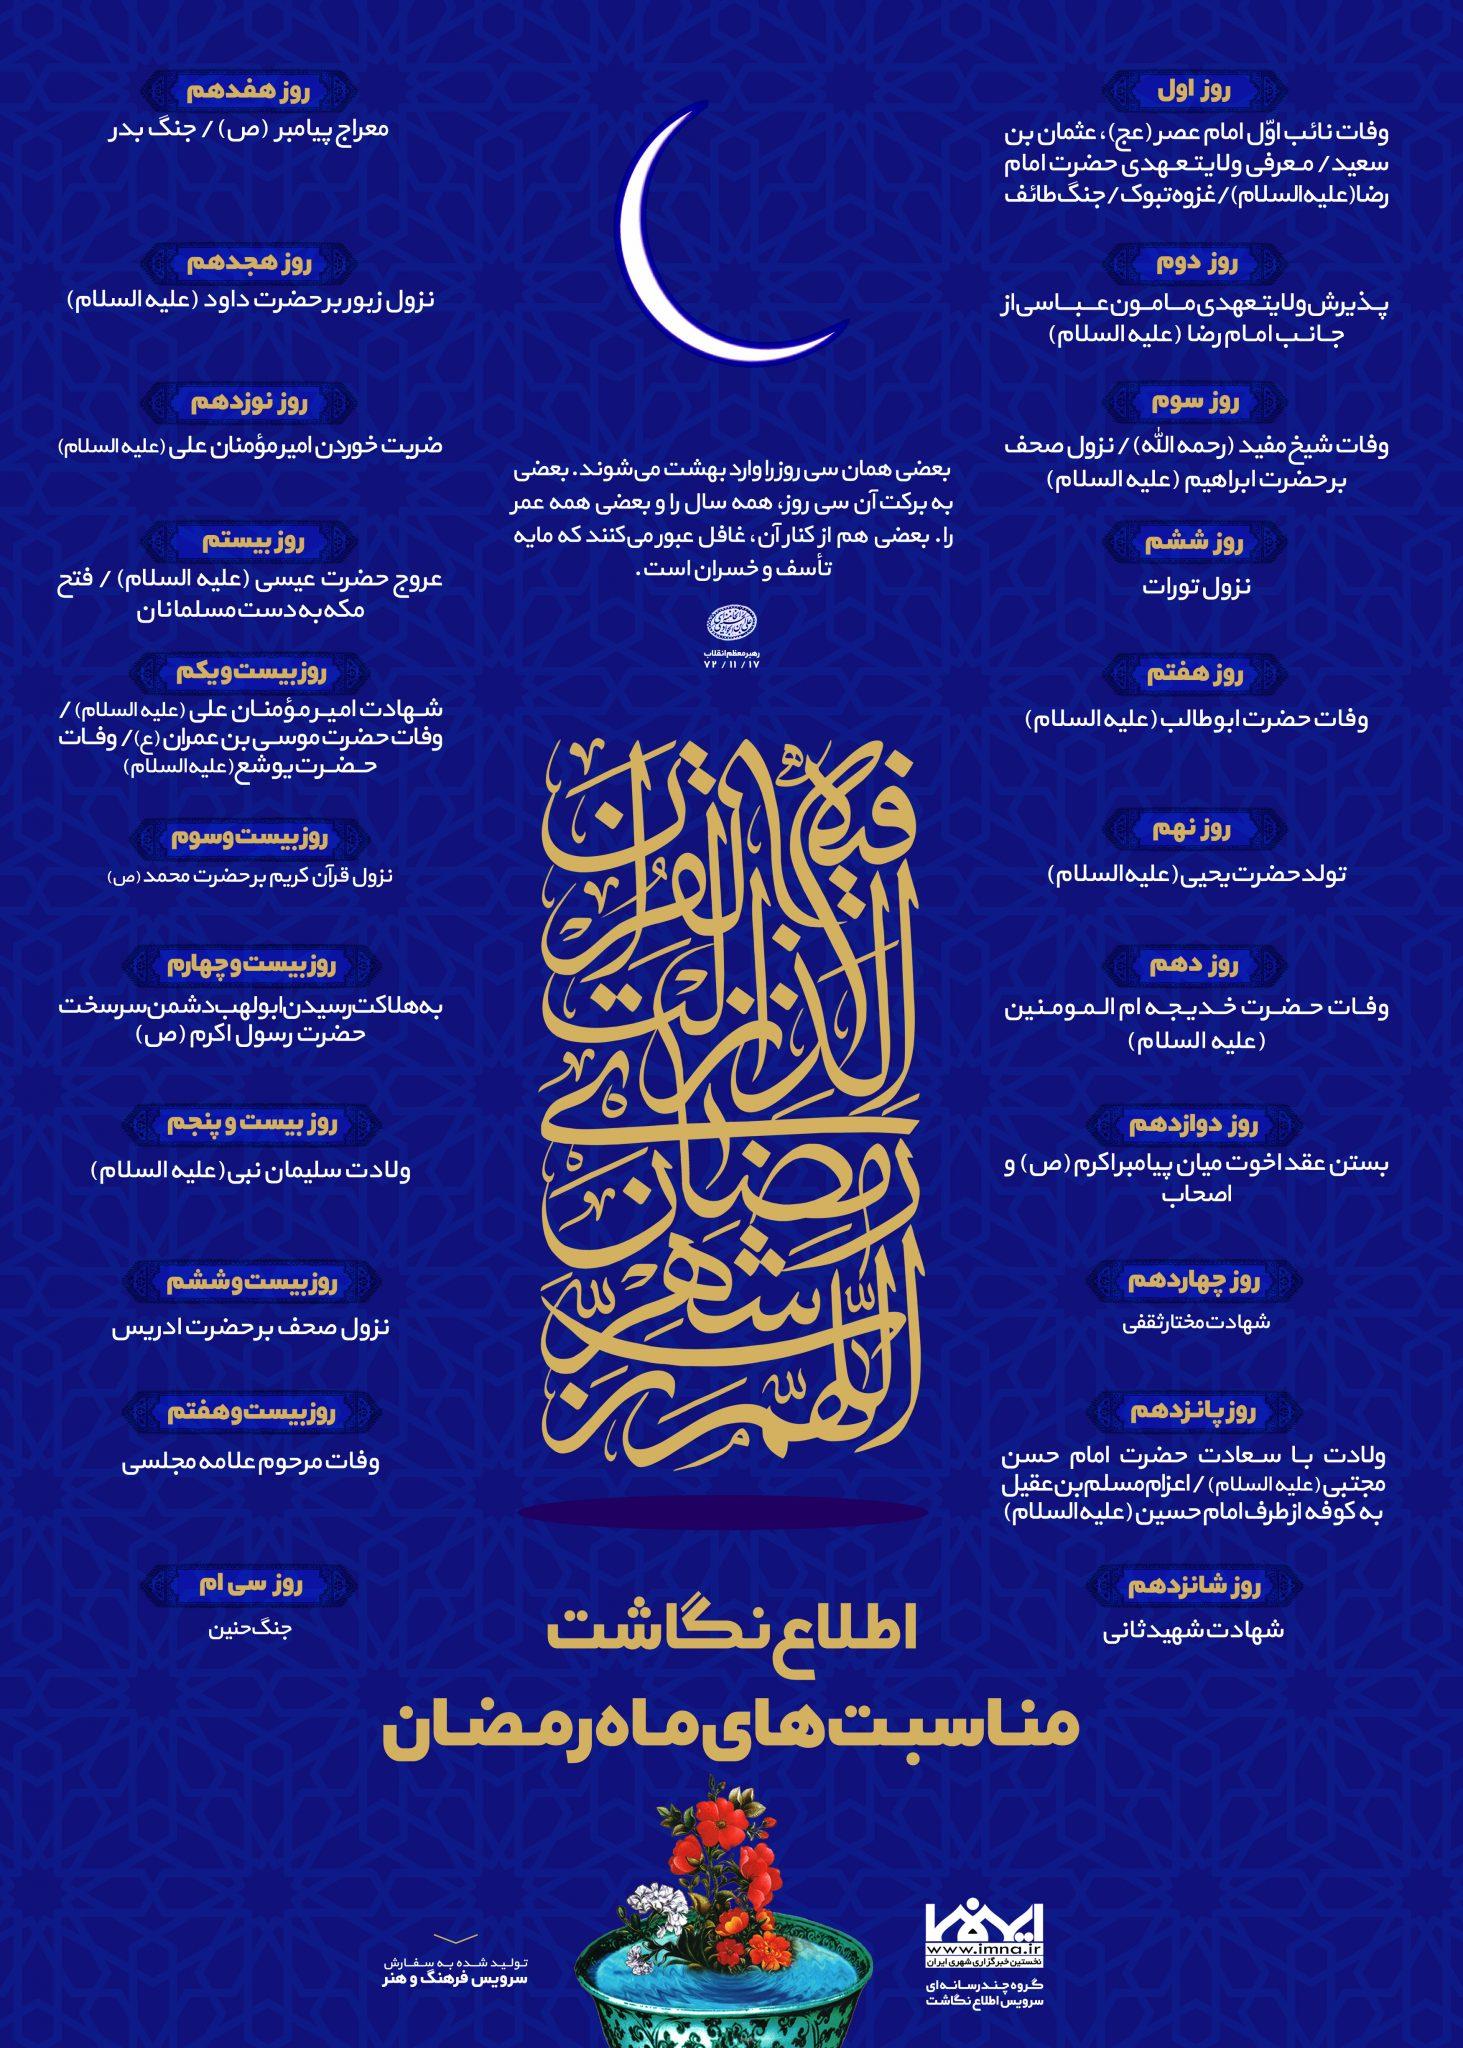 اینفوگرافیک مناسبت های ماه رمضان